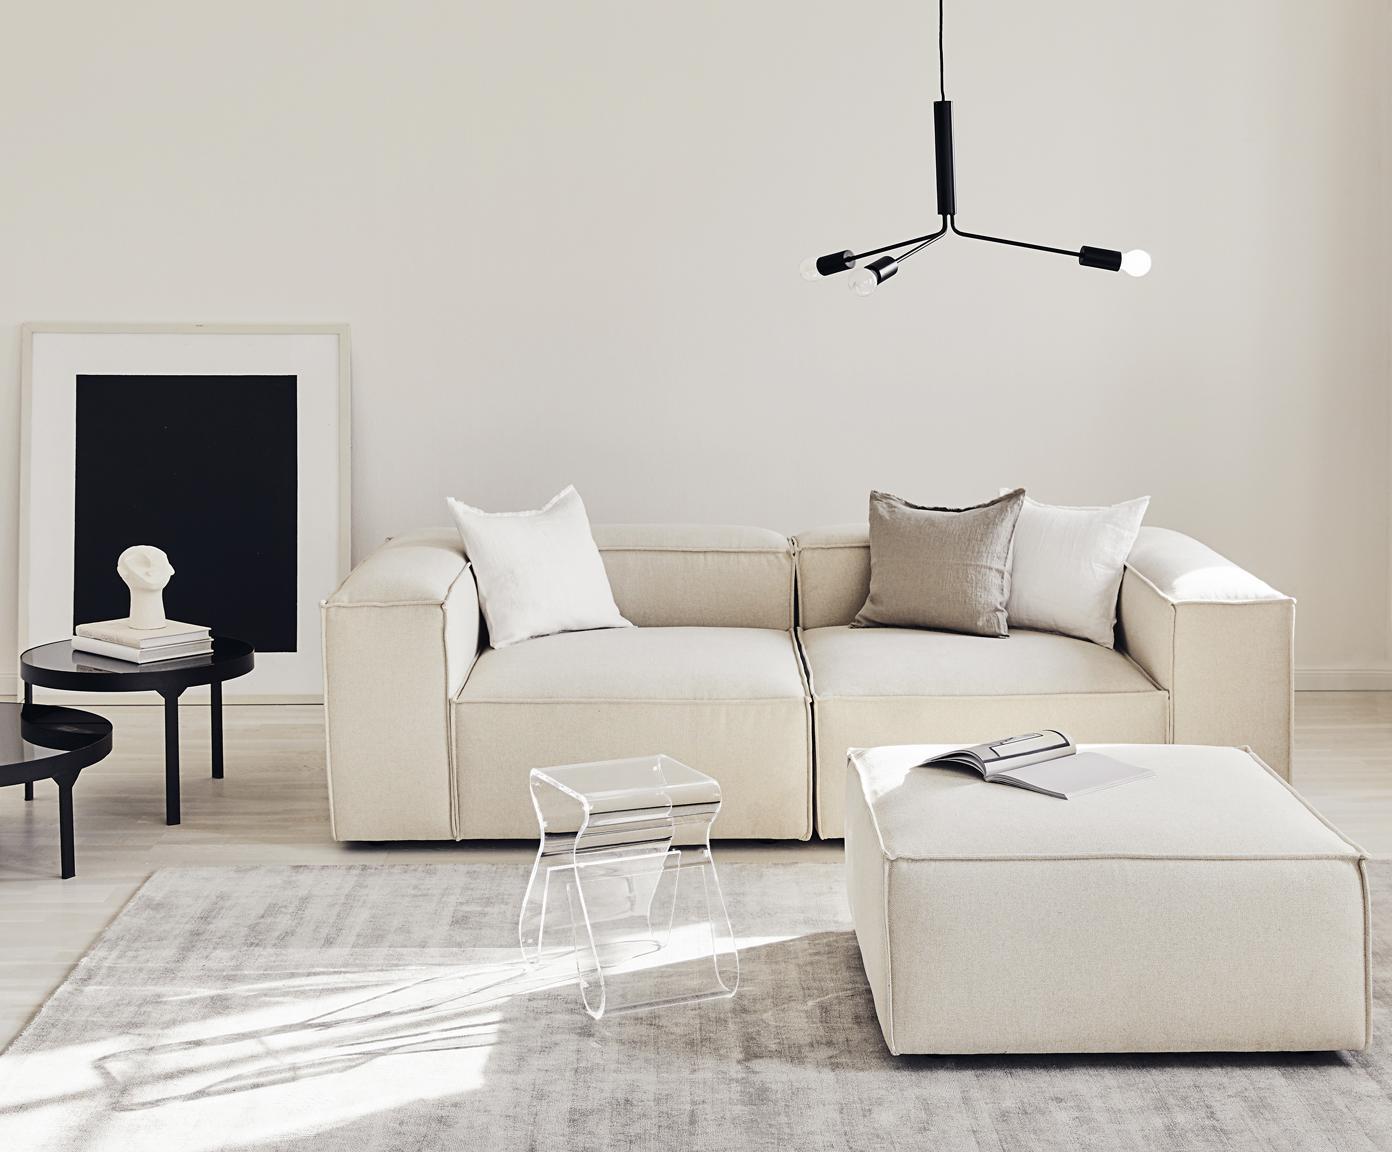 Sofa modułowa Lennon (3-osobowa), Tapicerka: poliester 35 000 cykli w , Stelaż: lite drewno sosnowe, skle, Nogi: tworzywo sztuczne, Tkanina beżowy, S 238 x G 119 cm